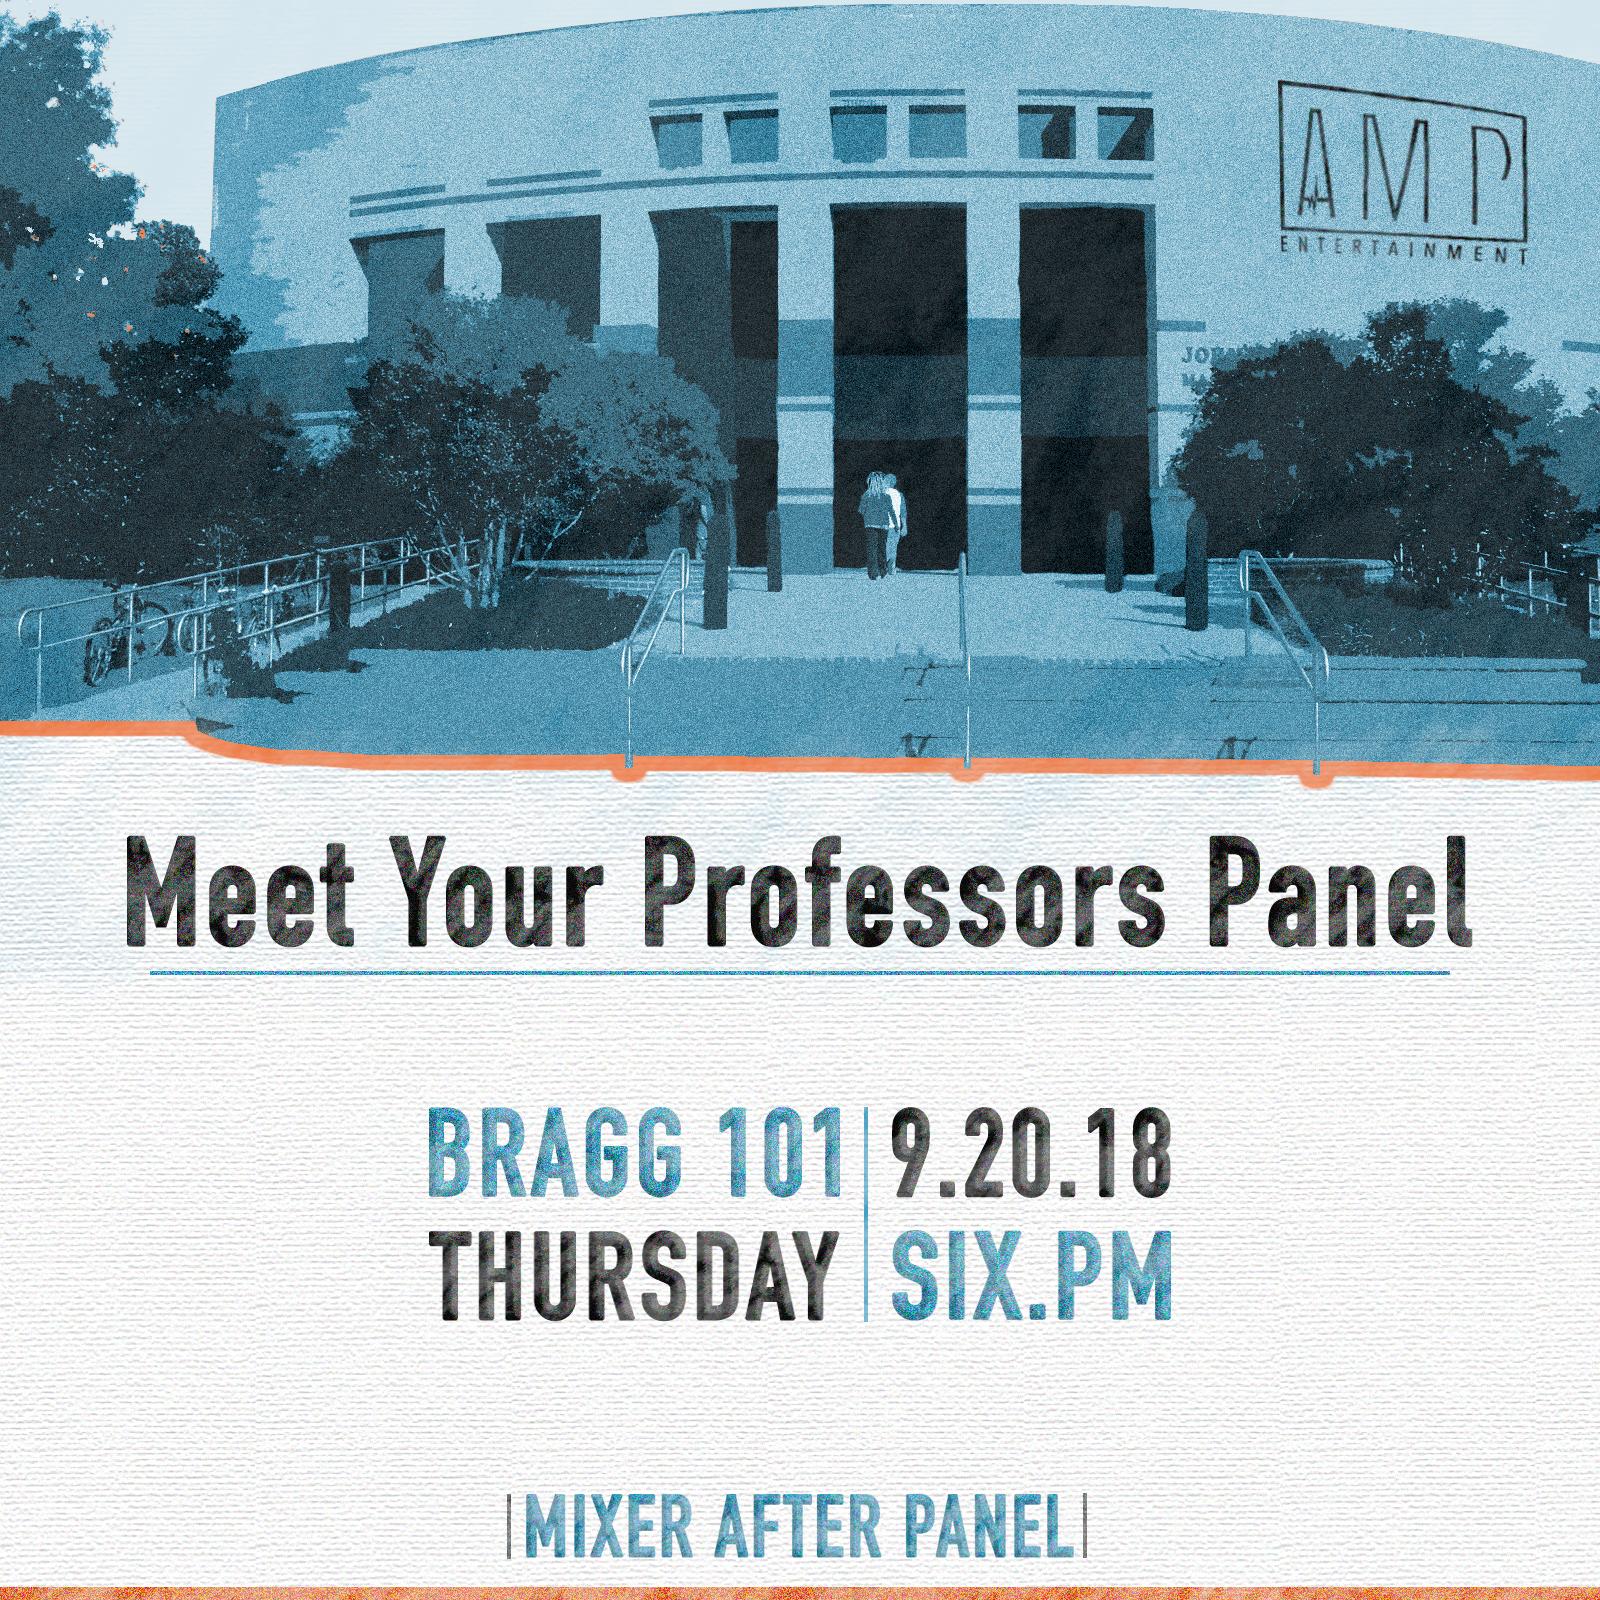 Meet Your Professors Panel